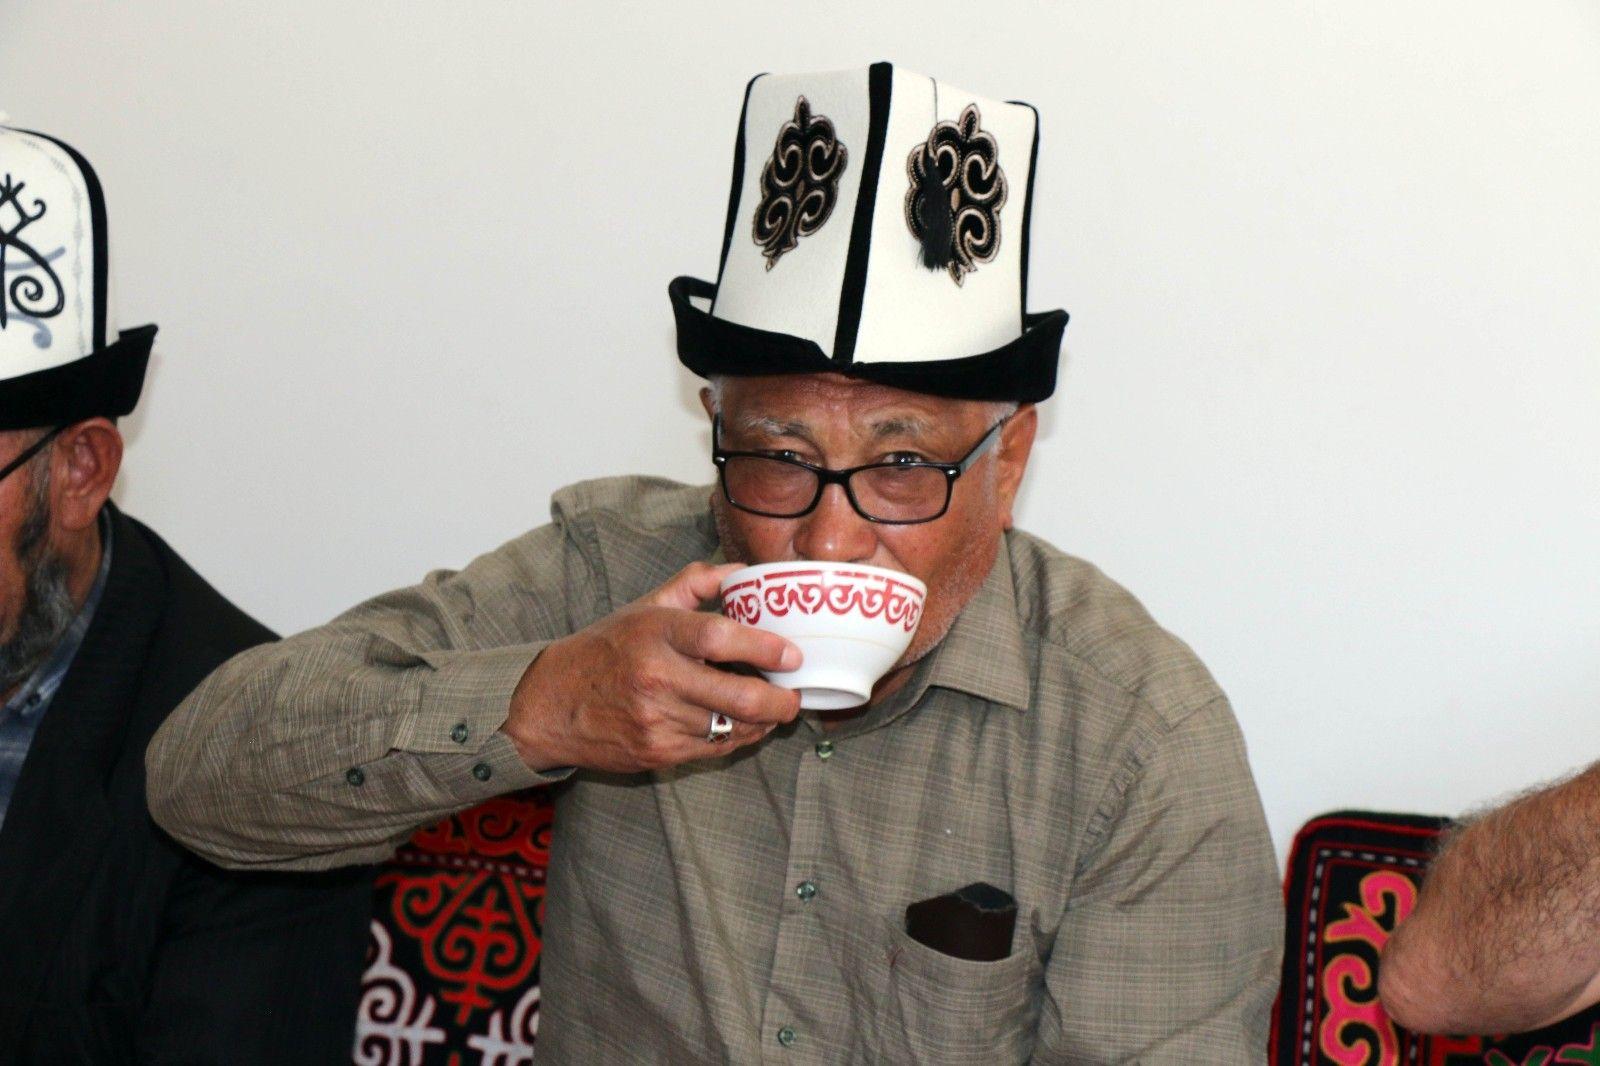 2021/09/kirgizlar-turkiyede-olmaktan-mutlu-20210919AW42-1.jpg